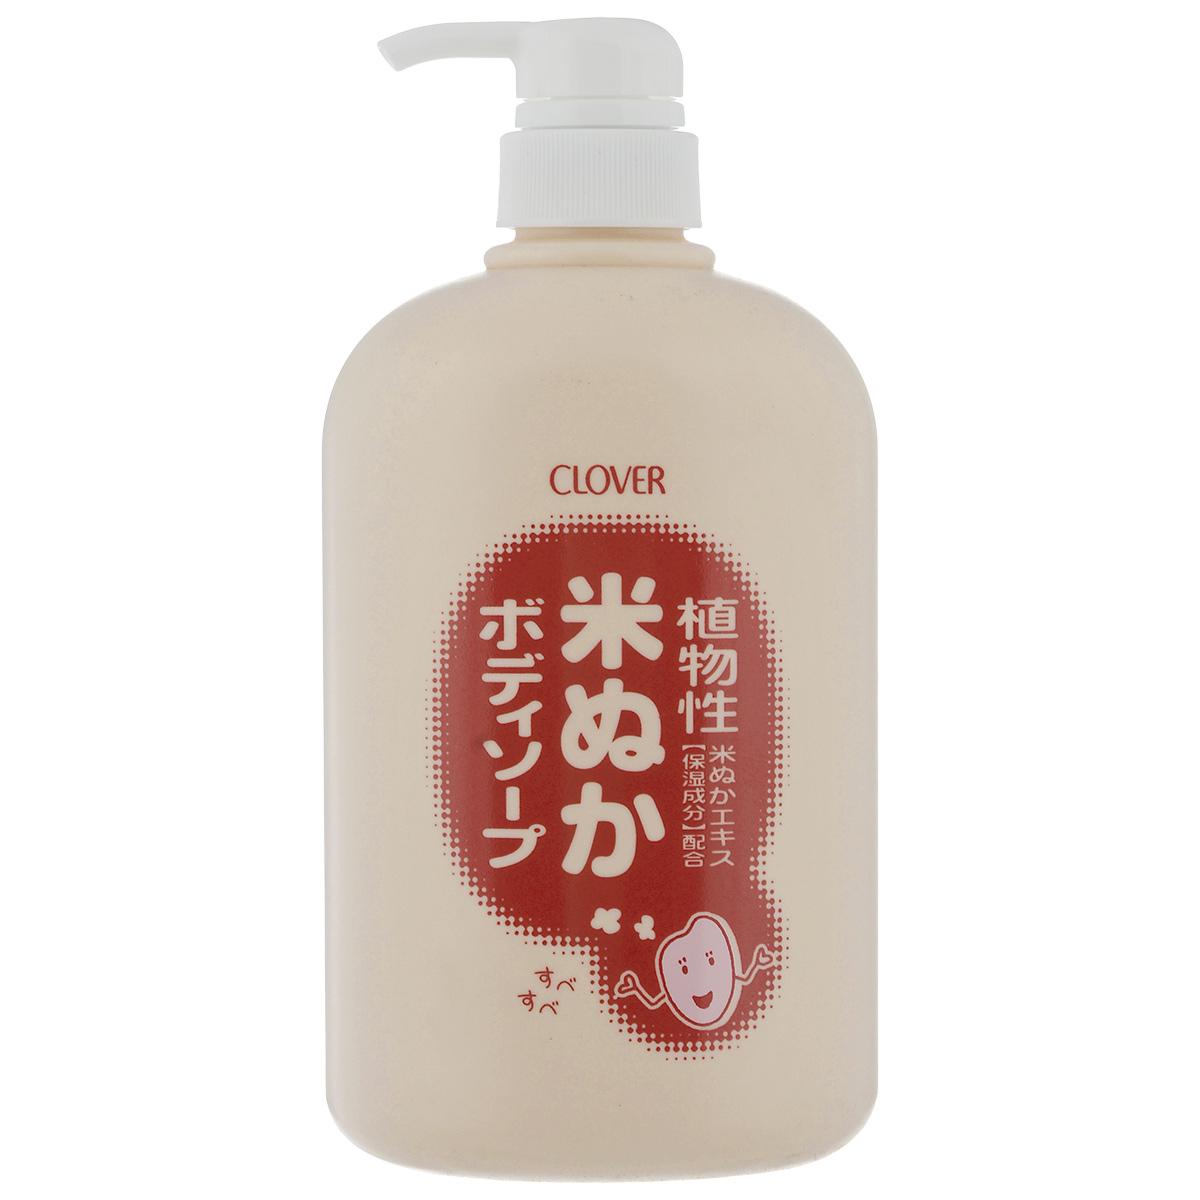 Clover Увлажняющее жидкое мыло для тела с экстрактом риса 800мл9Мягкое жидкое мыло для тела невероятно нежно к коже. Идеально подойдет для чувствительной и детской кожи. Натуральные природные компоненты заботливо ухаживают за Вашей кожей. Мягко очистят поры, окажут мощное увлажняющее действие. Экстракт риса является богатейшим источником протеинов, витаминов В и антиоксидантов, которые эффективно действуют в борьбе со свободными радикалами. Интенсивно увлажняет и раглаживает кожу.